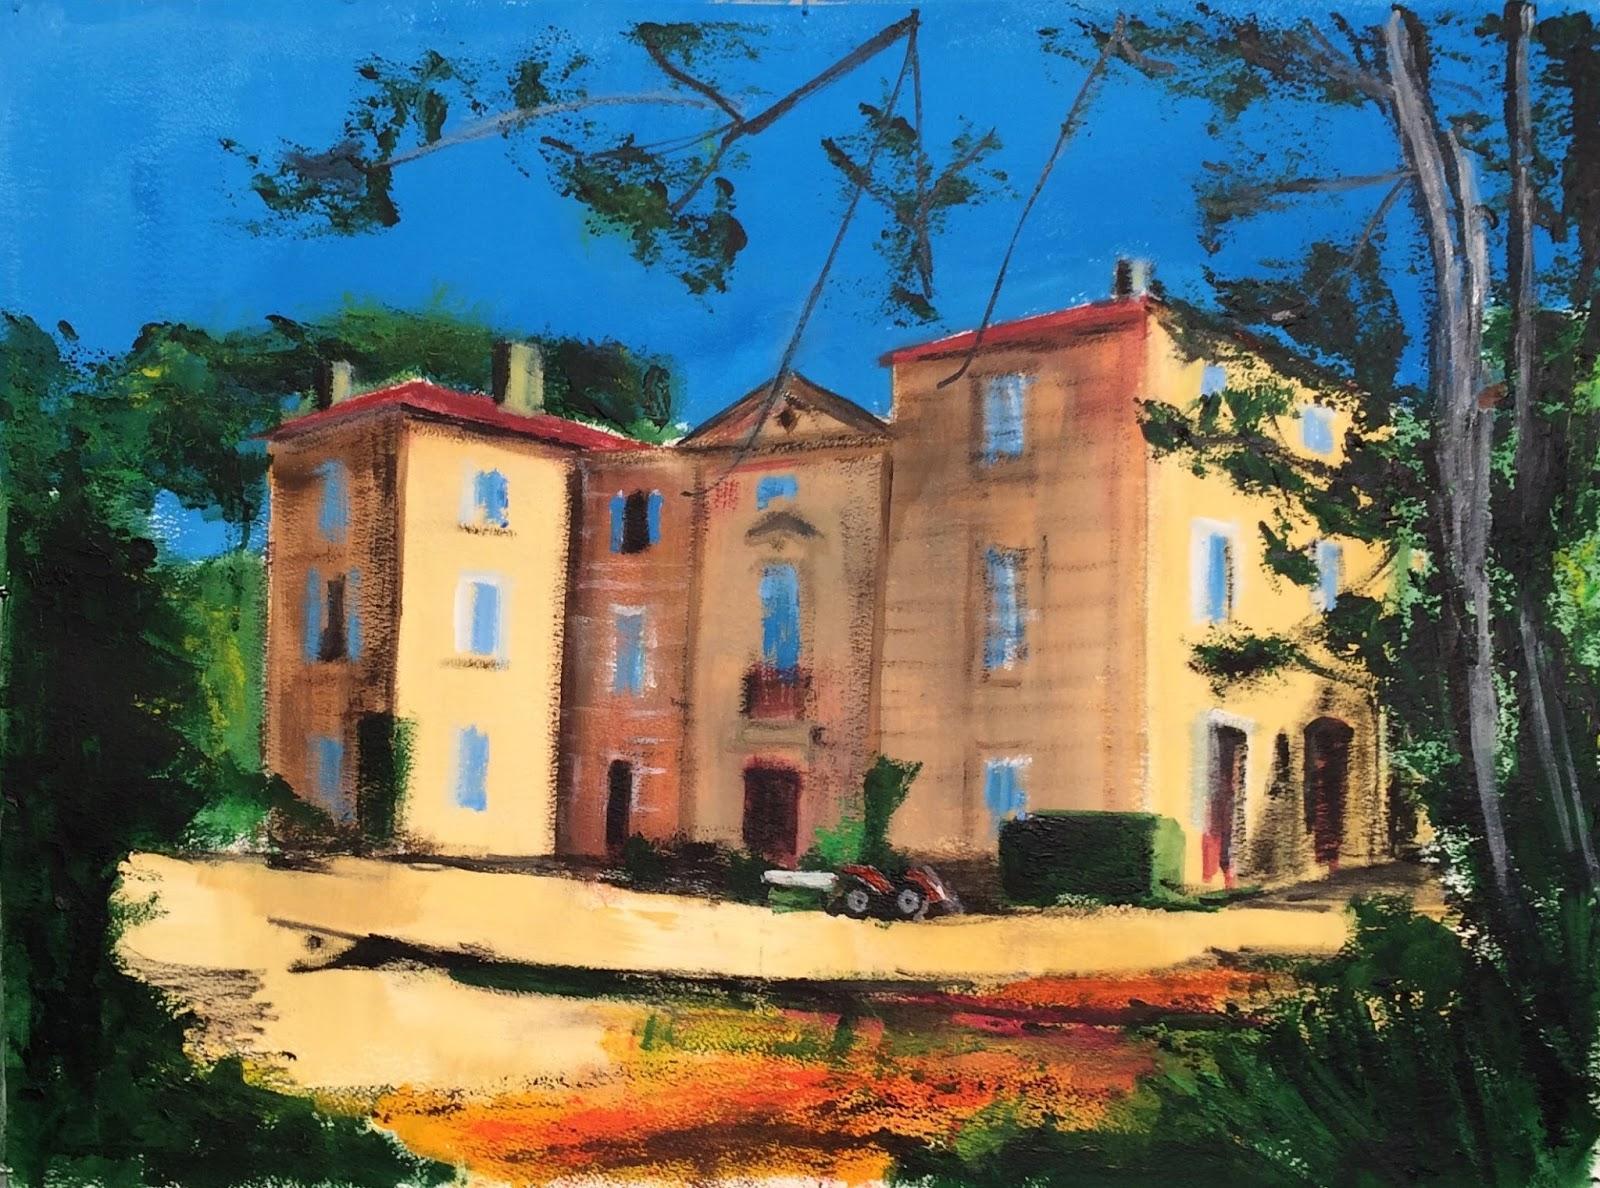 N°3031 - Le château d'Edgar - Acrylique sur papier - 56 x 76 cm - 12 août 2016